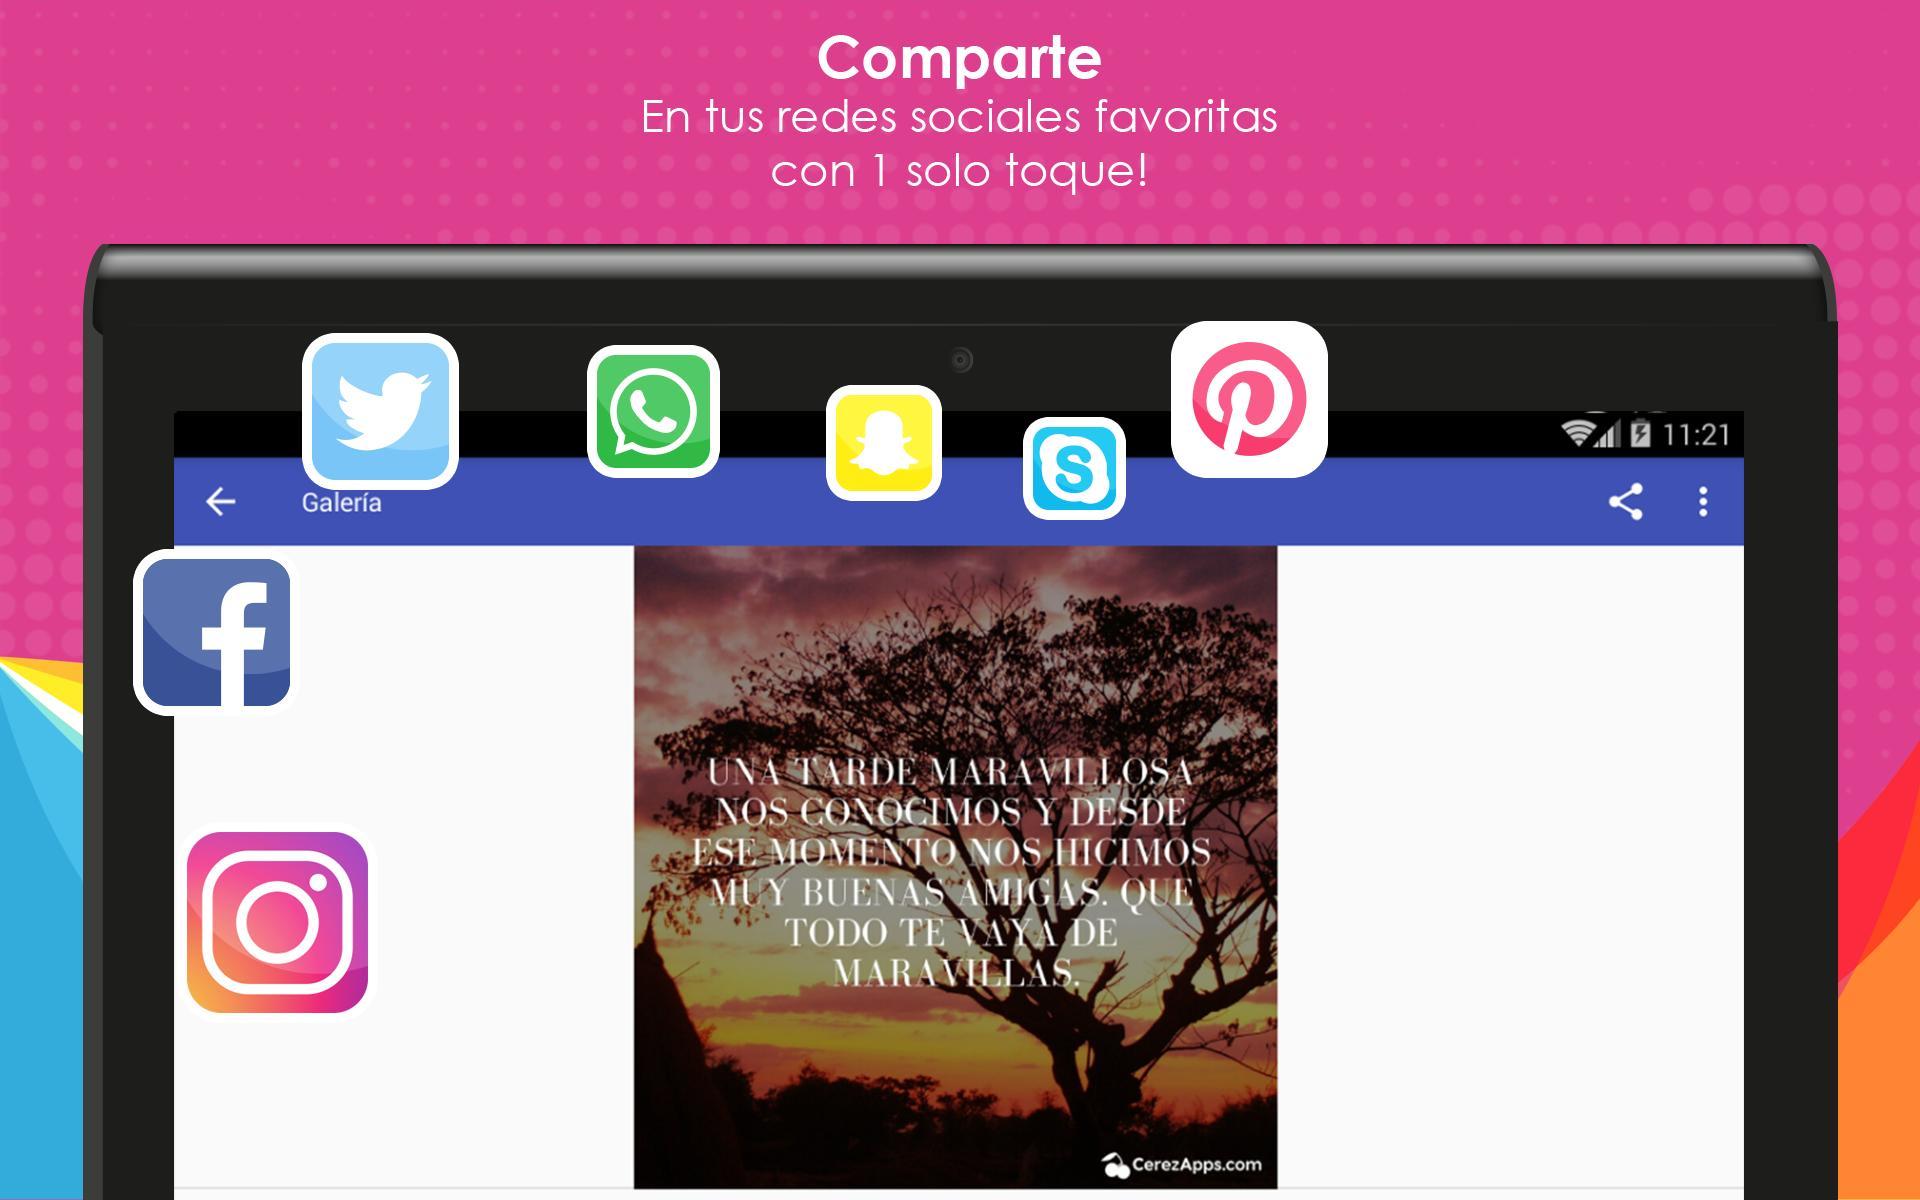 Frases Bonitas Buenas Tardes для андроид скачать Apk